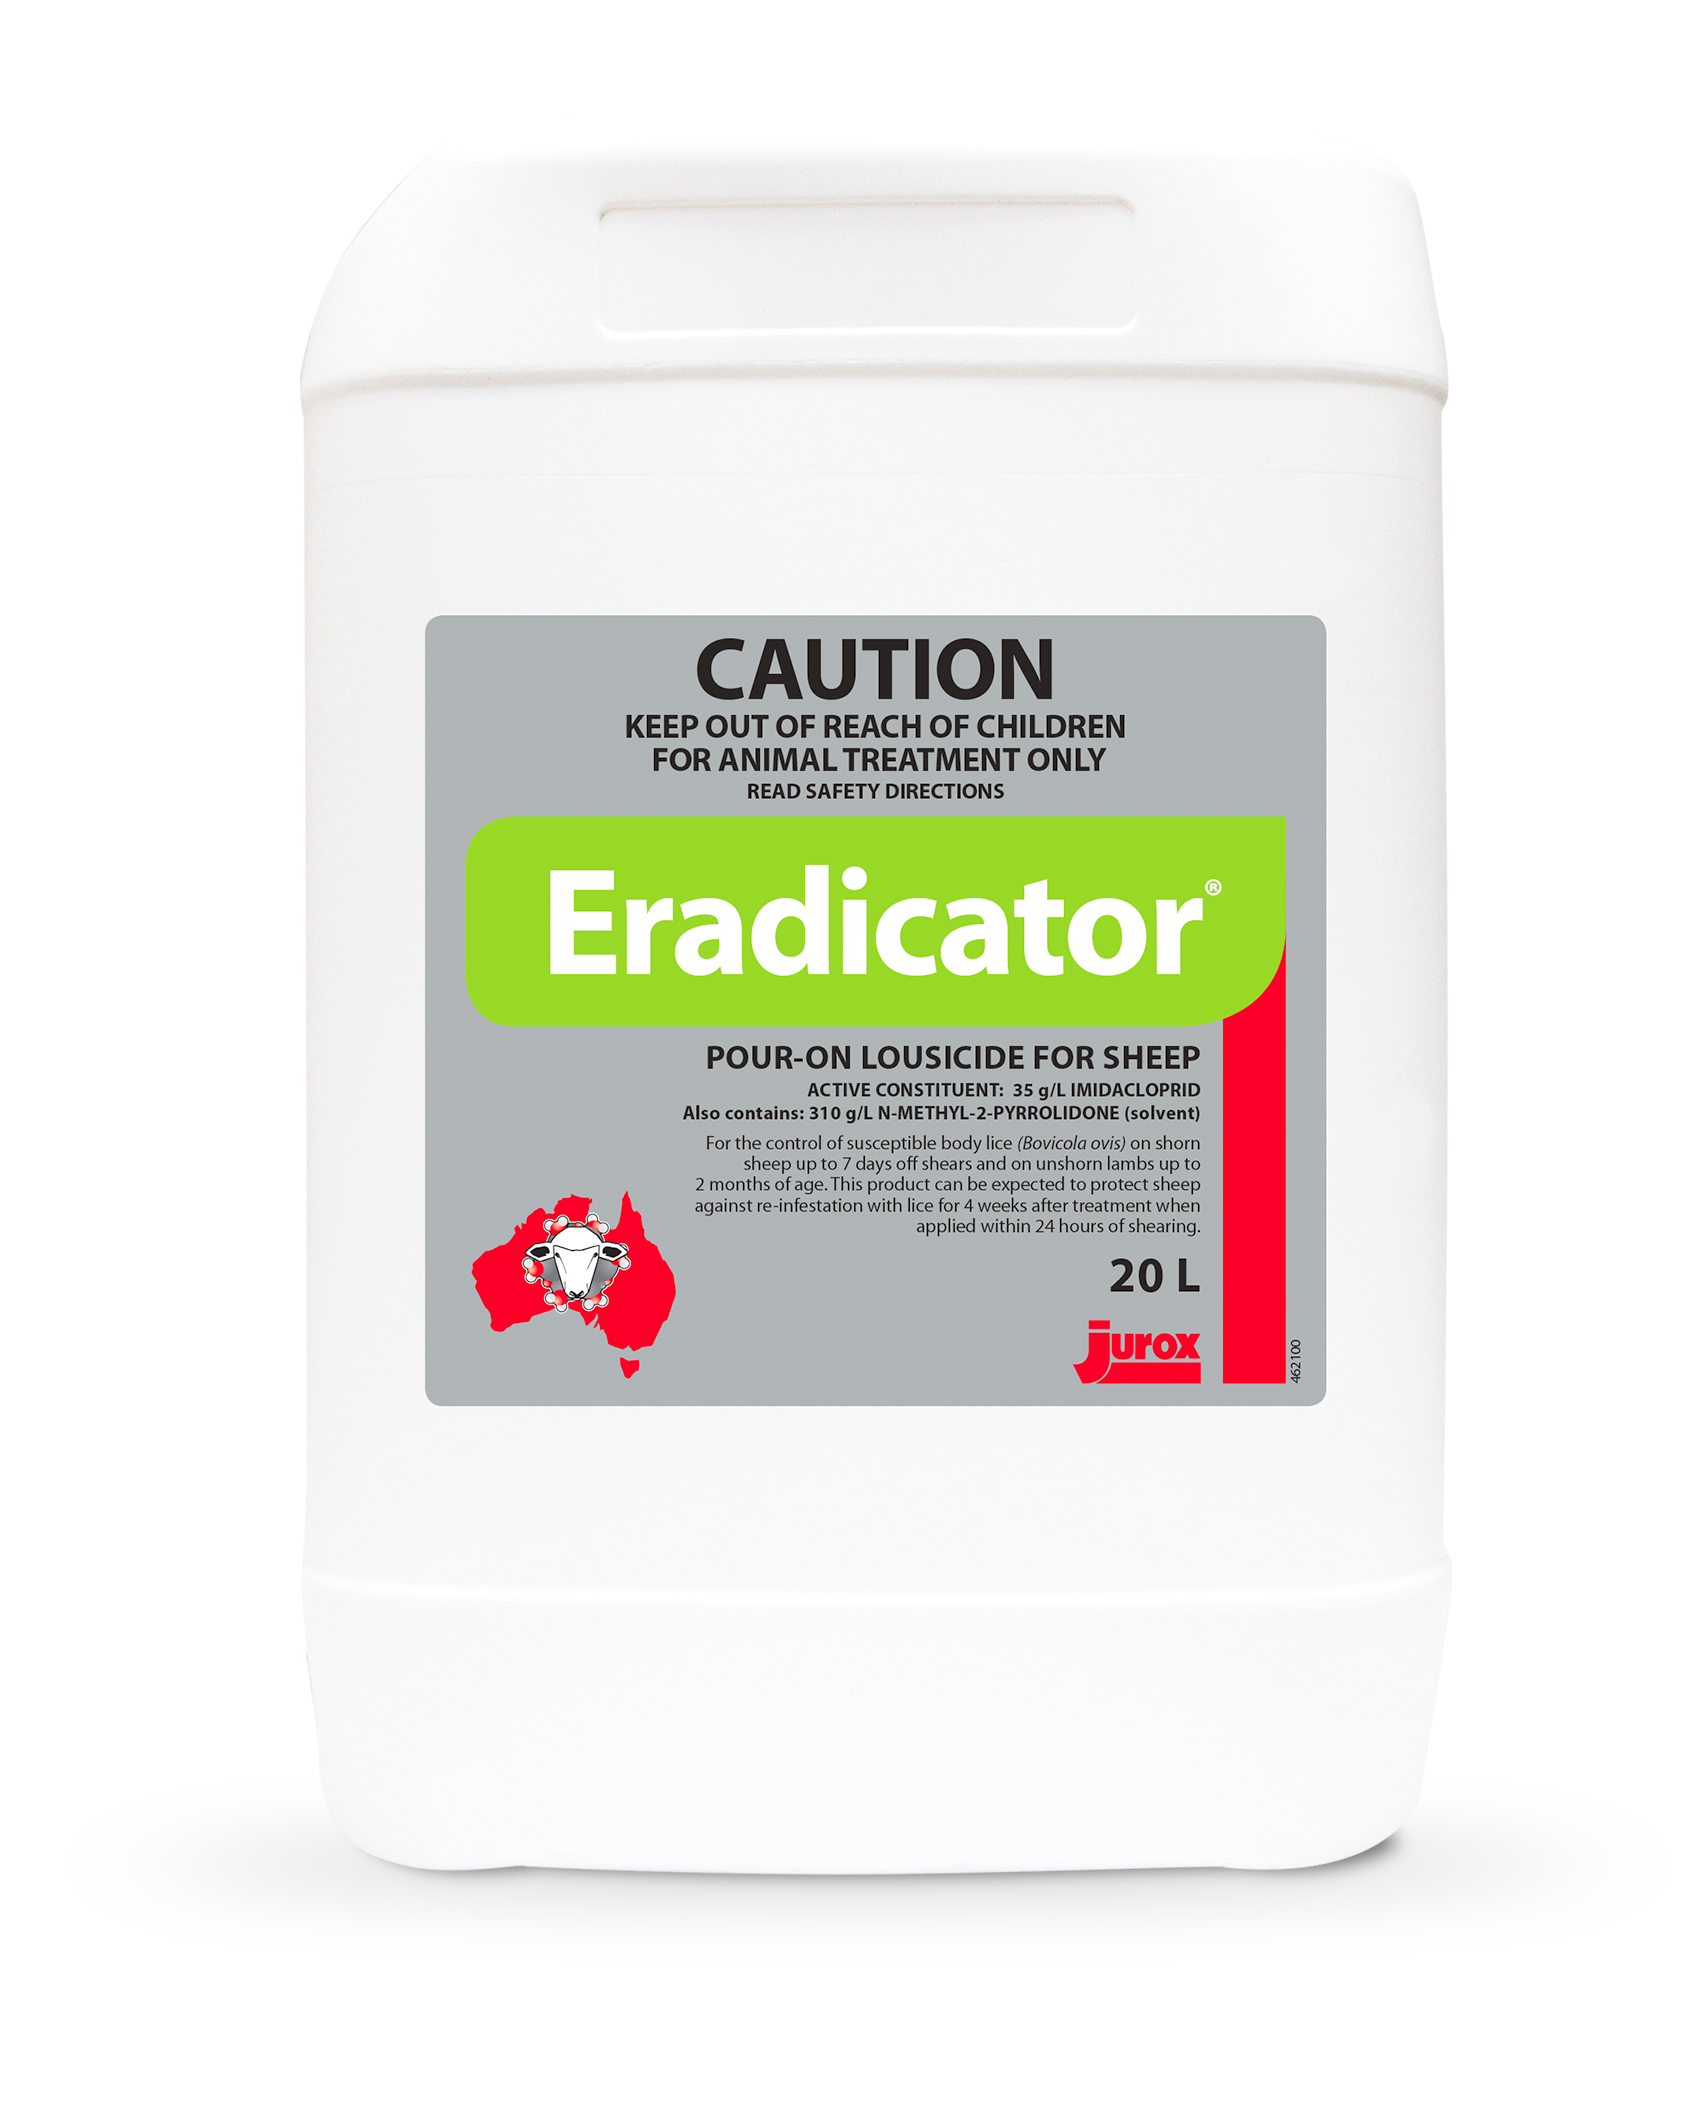 Eradicator® Product Image